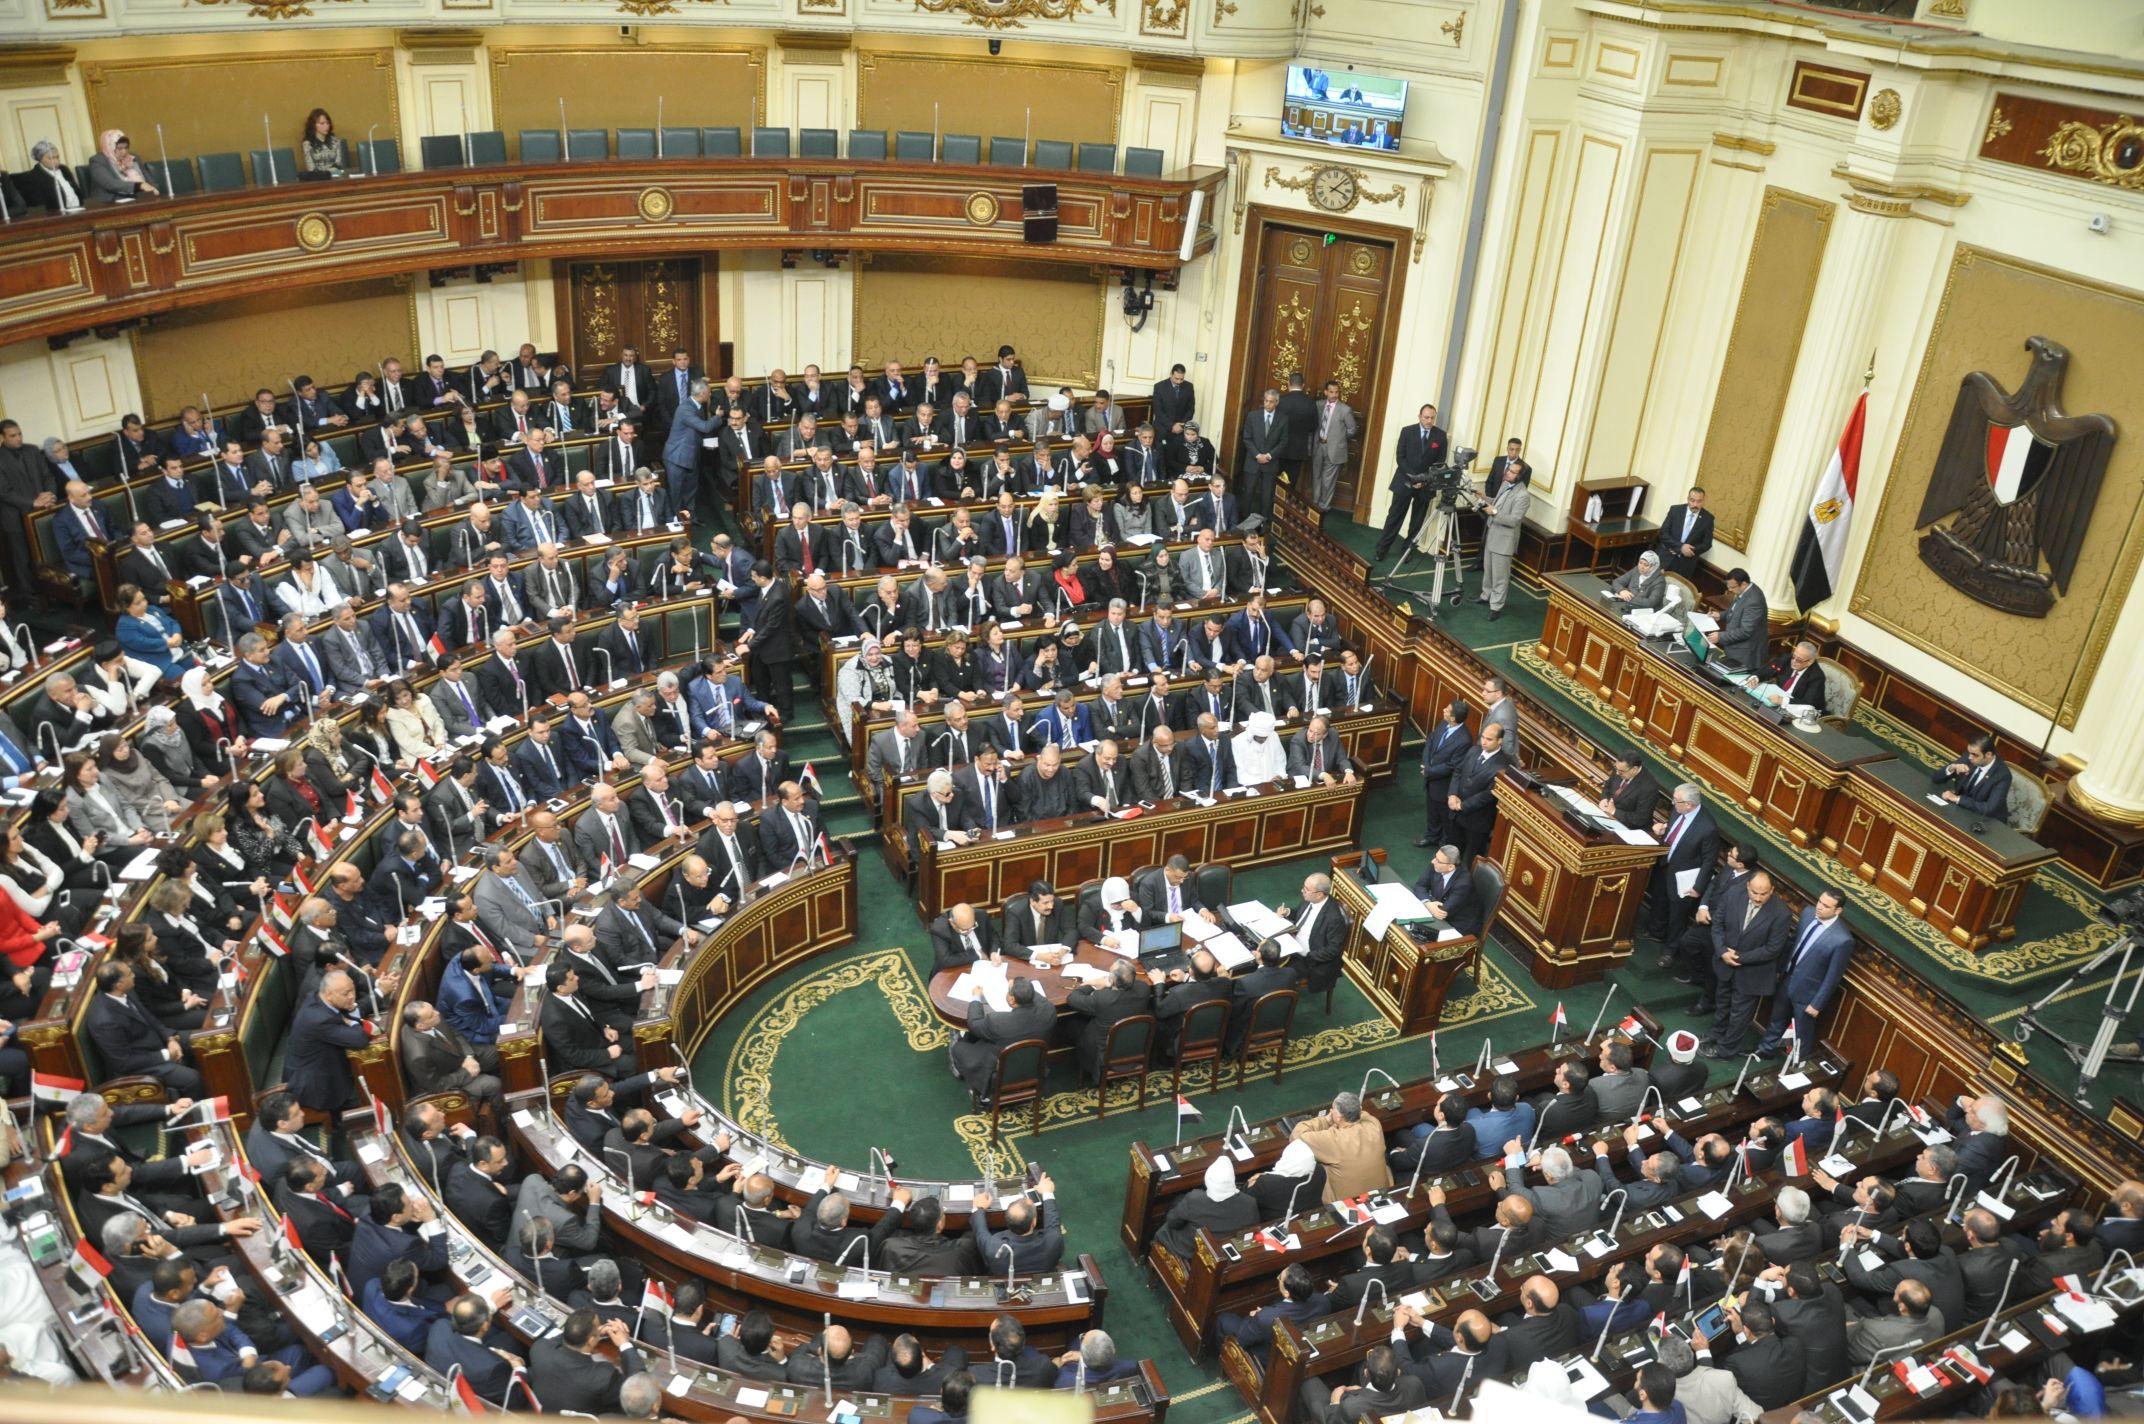 مجلس النواب ينتهي اليوم من التصويت على قرارات بقوانين صدرت في غيابه